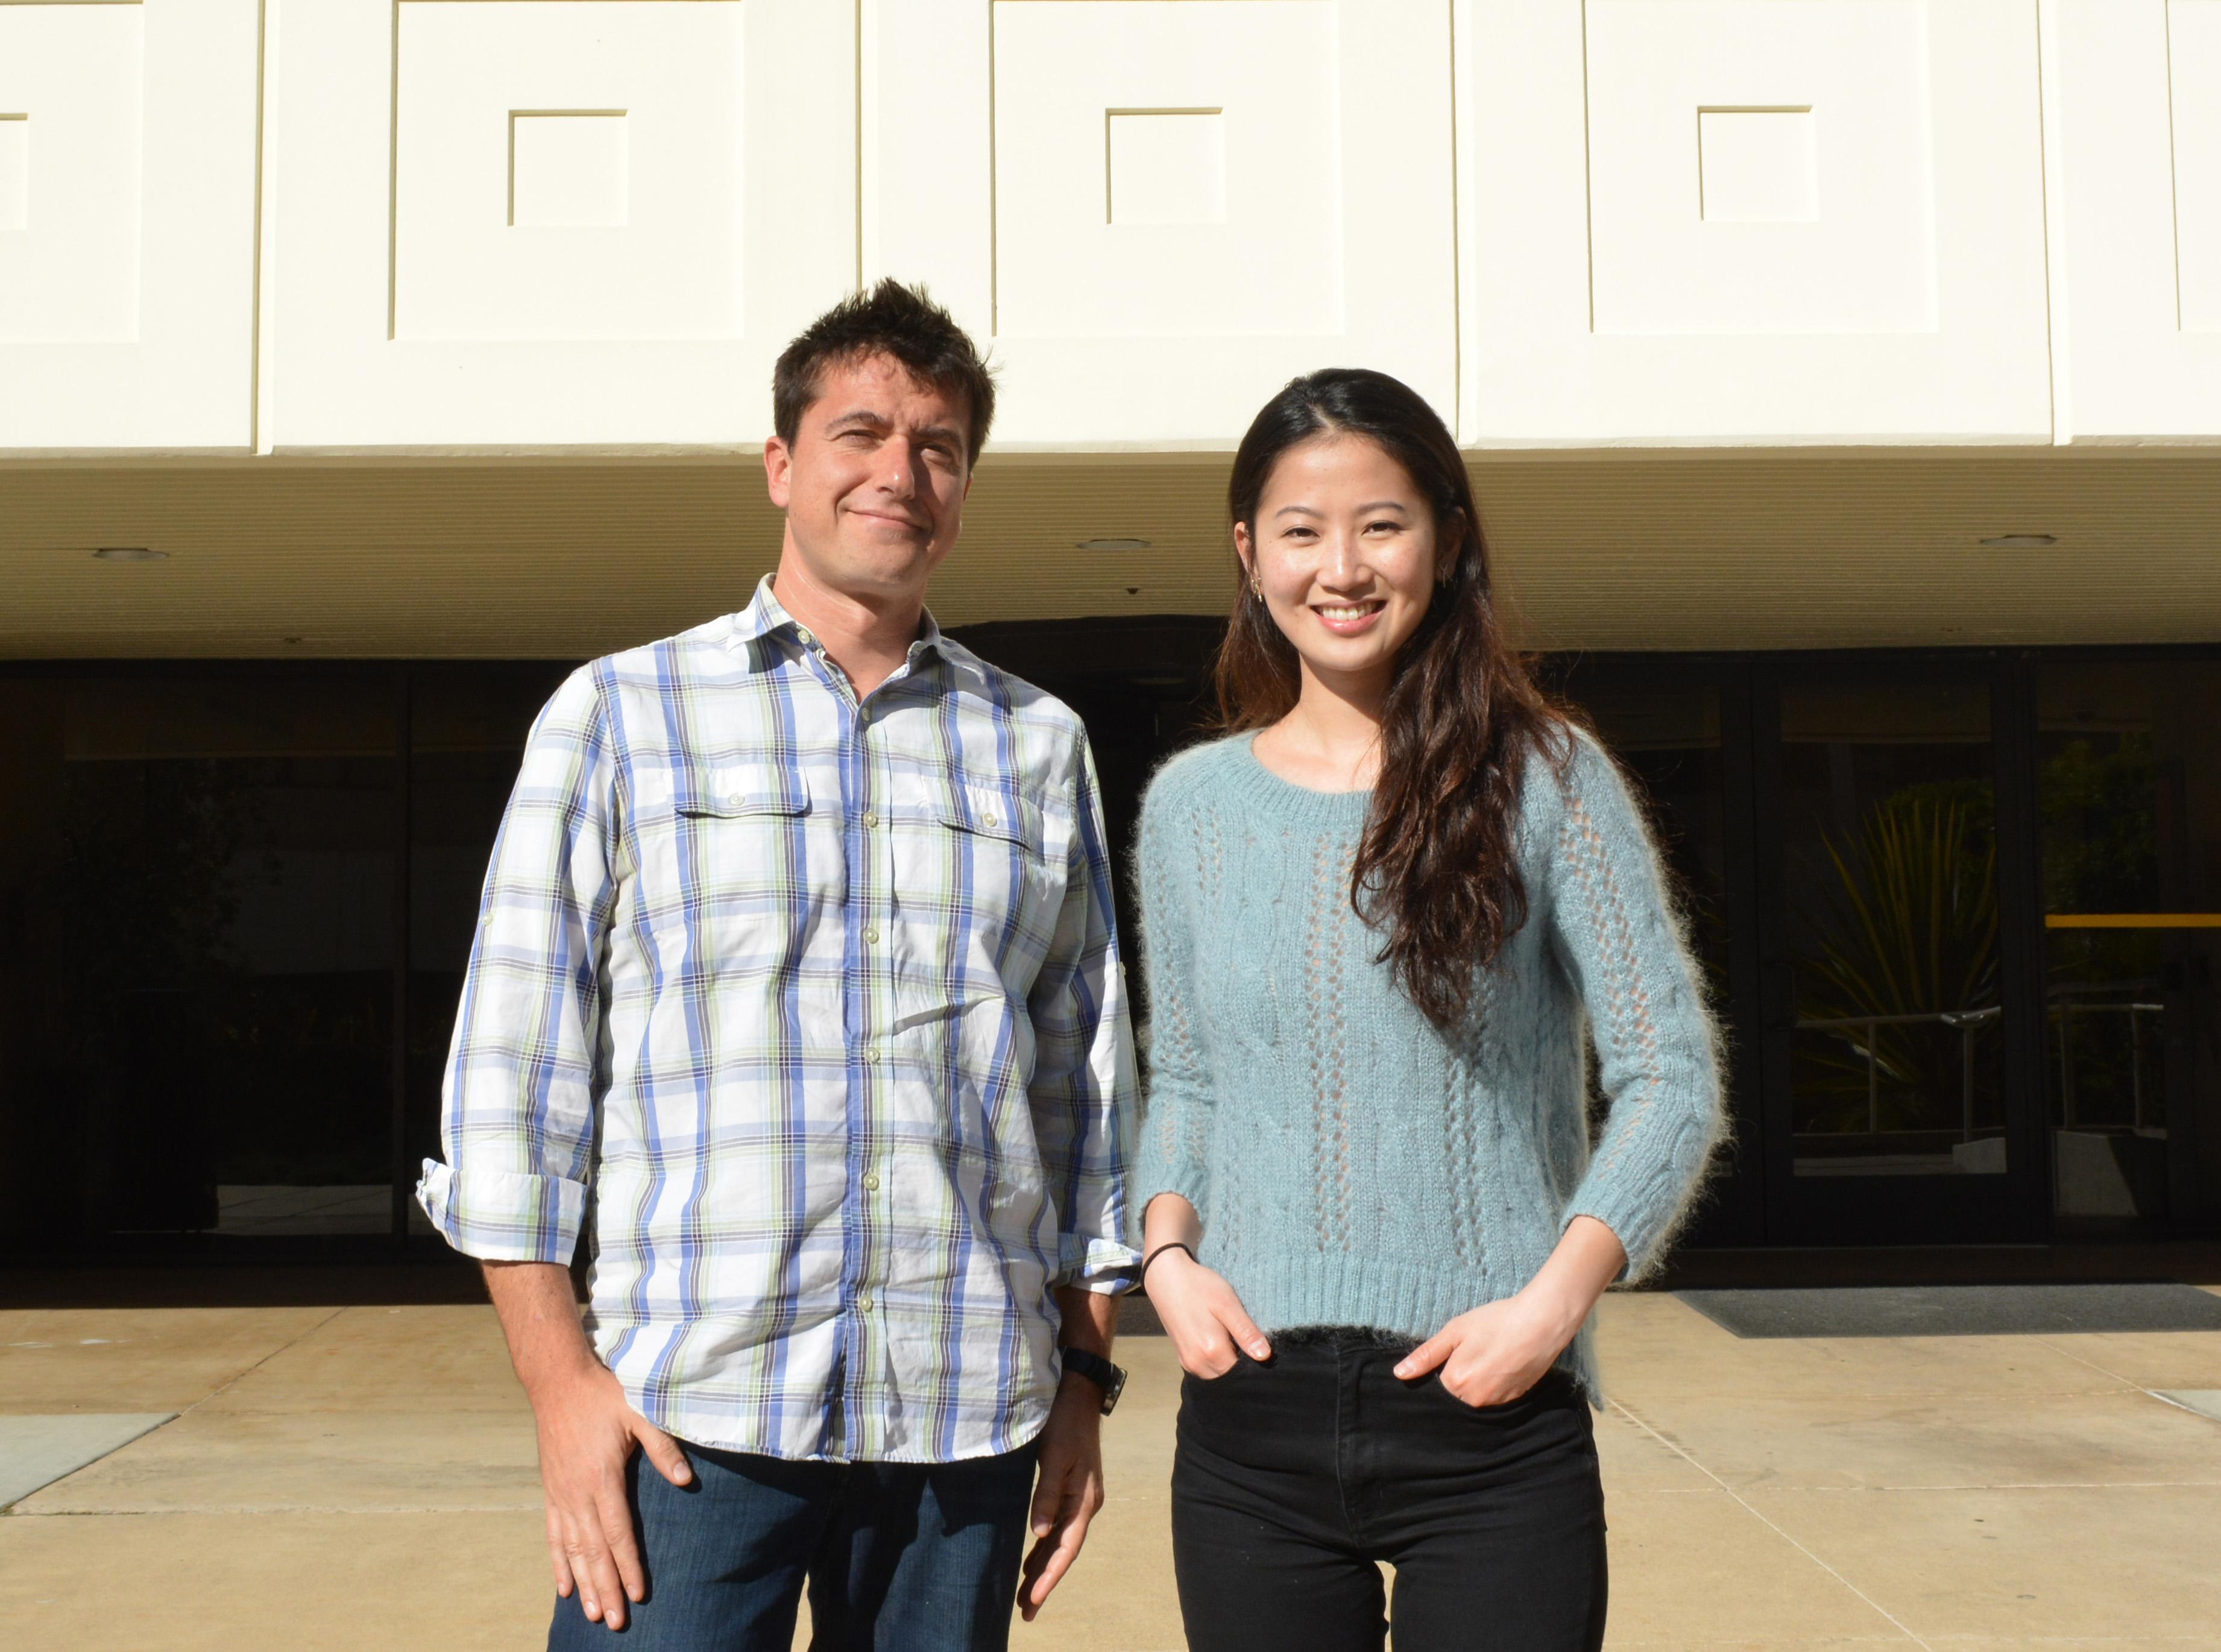 Эрос Ладзерини Денки иаспирант TSRI Джулия Су Джоу Ли (Julia Su Zhou Li)— авторы исследования.